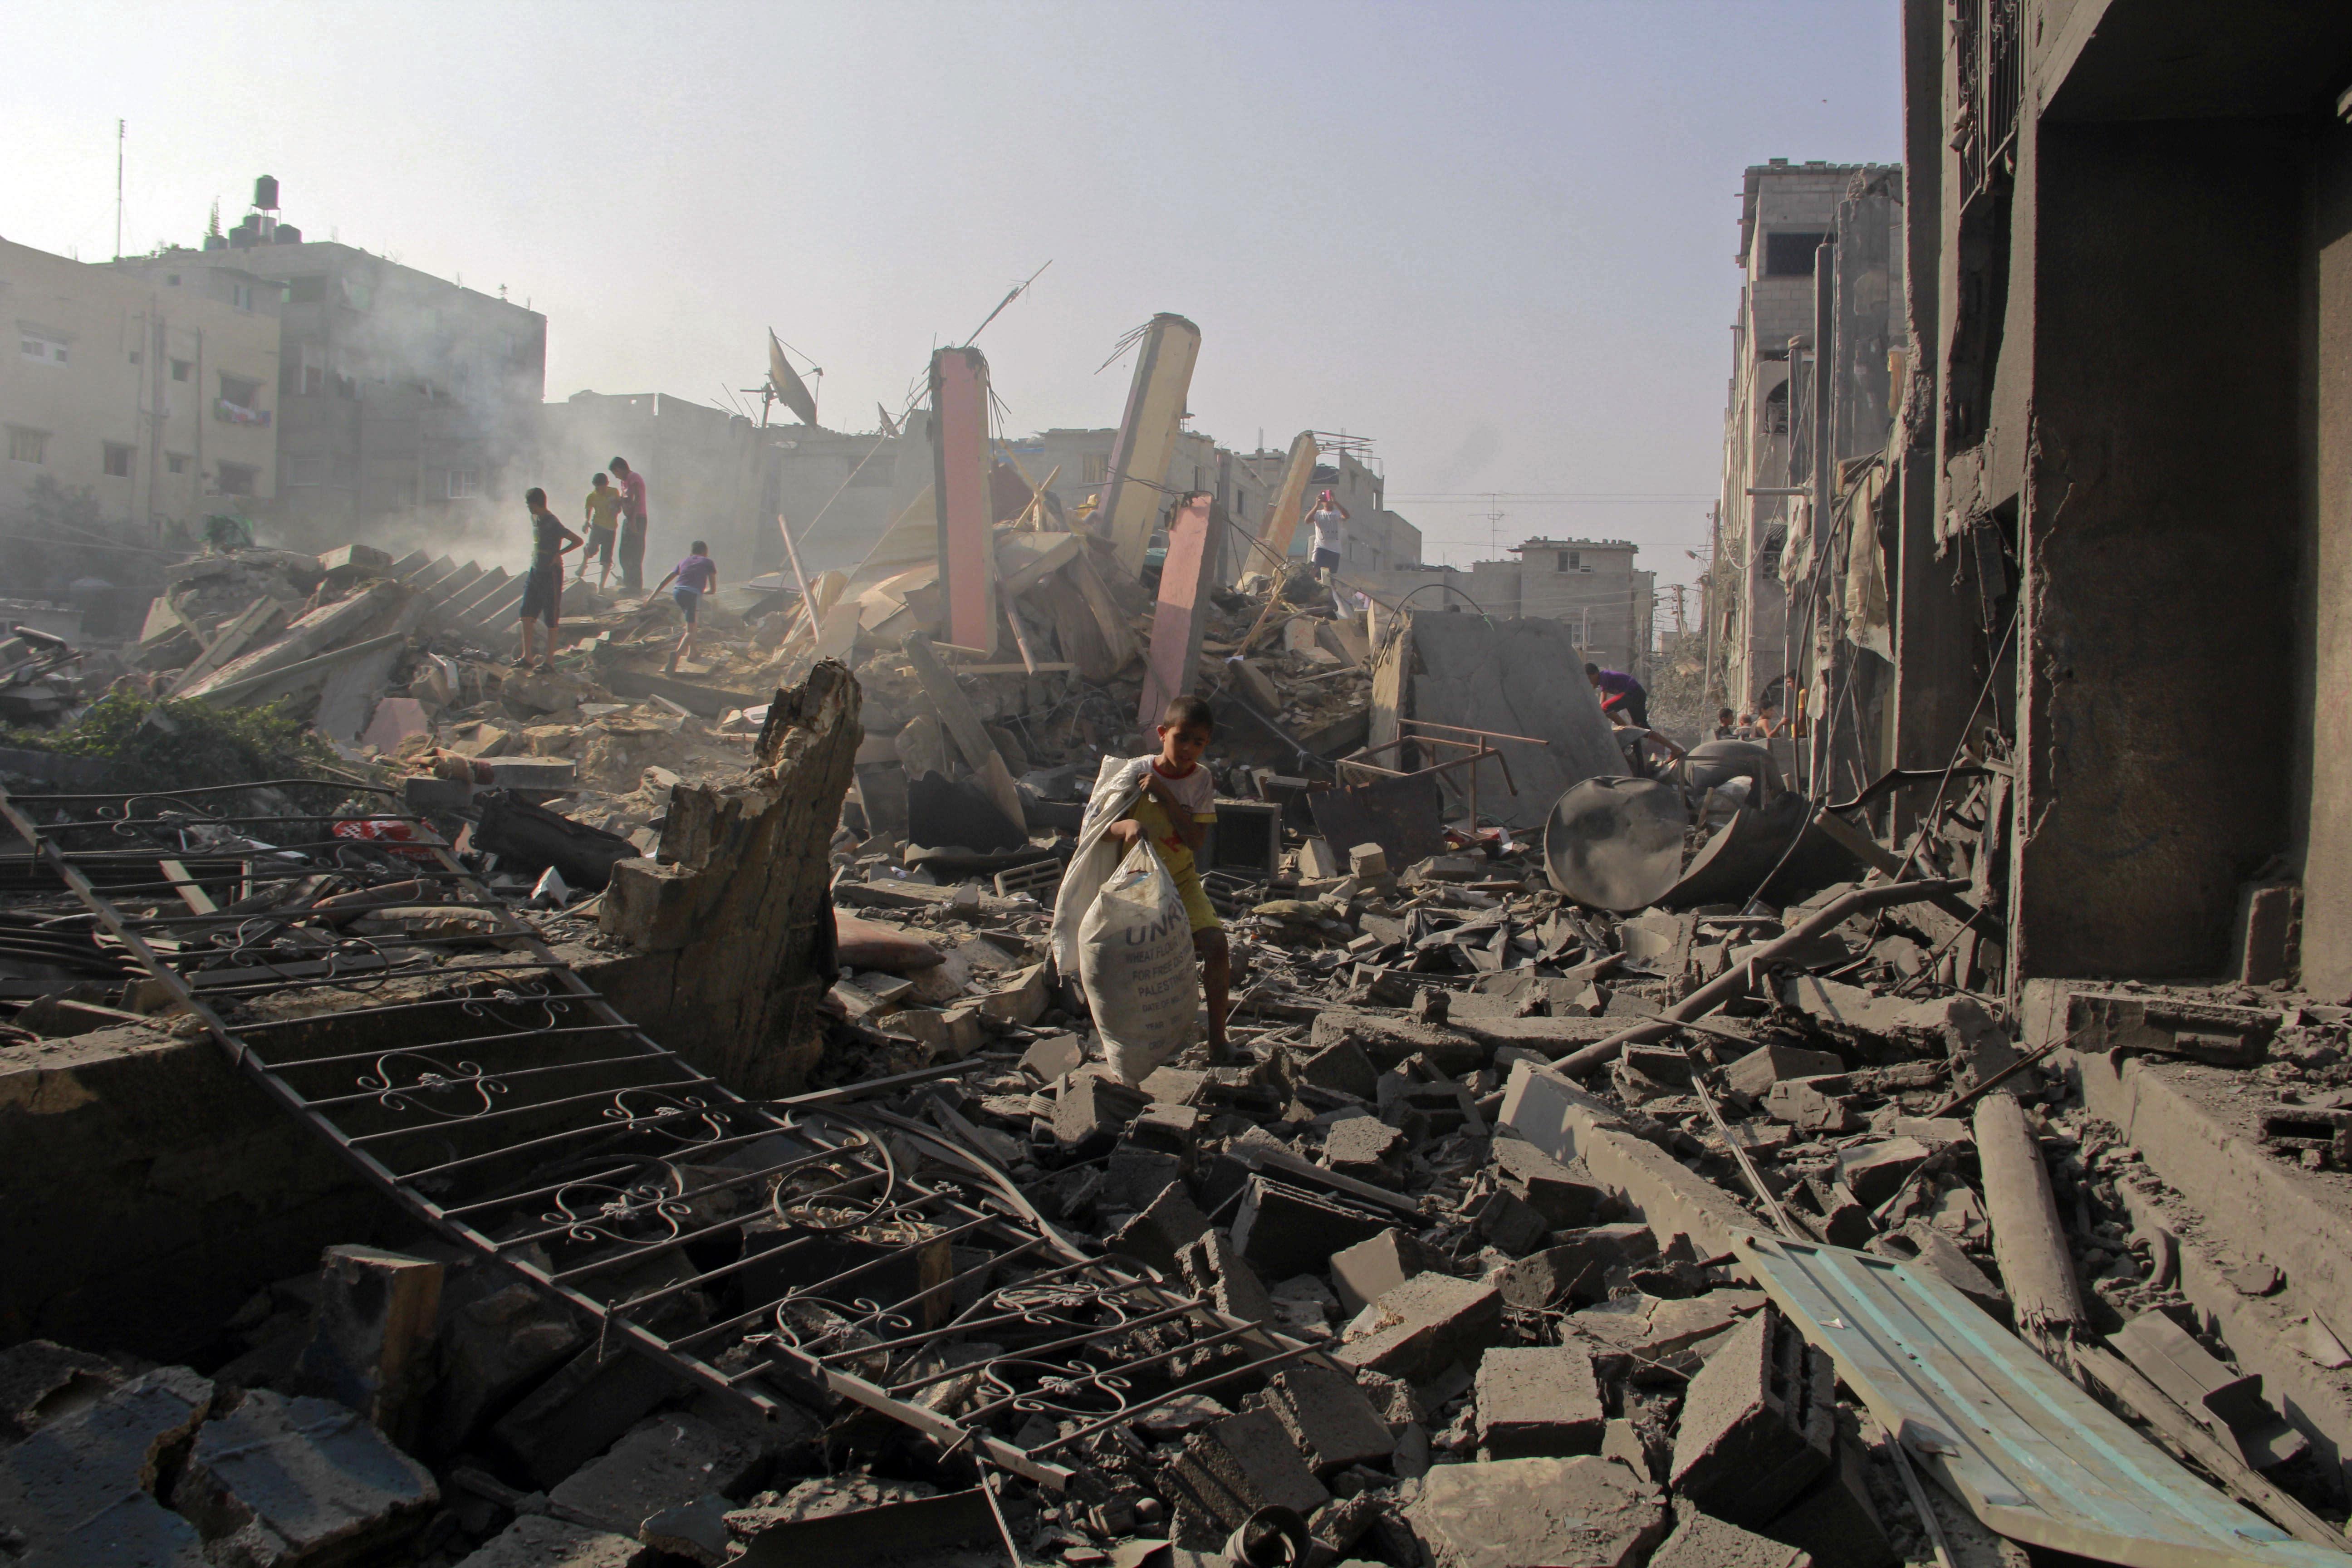 Israel: No criminal action in deadly Gaza 2014 war incident